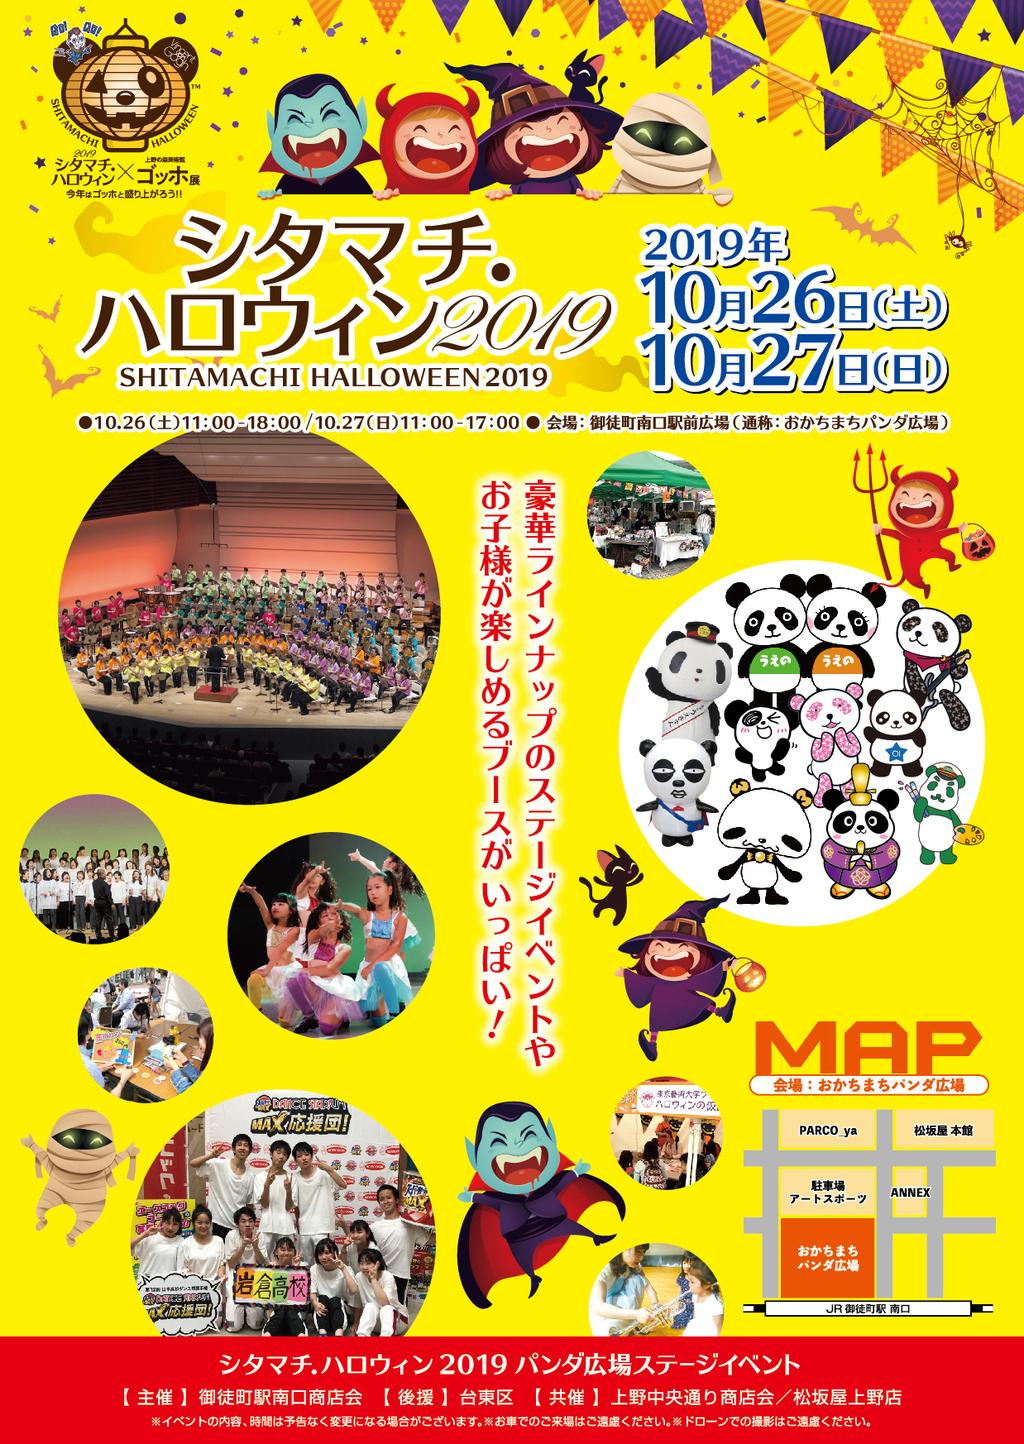 4470716-matsuzakaya_chirashi_001